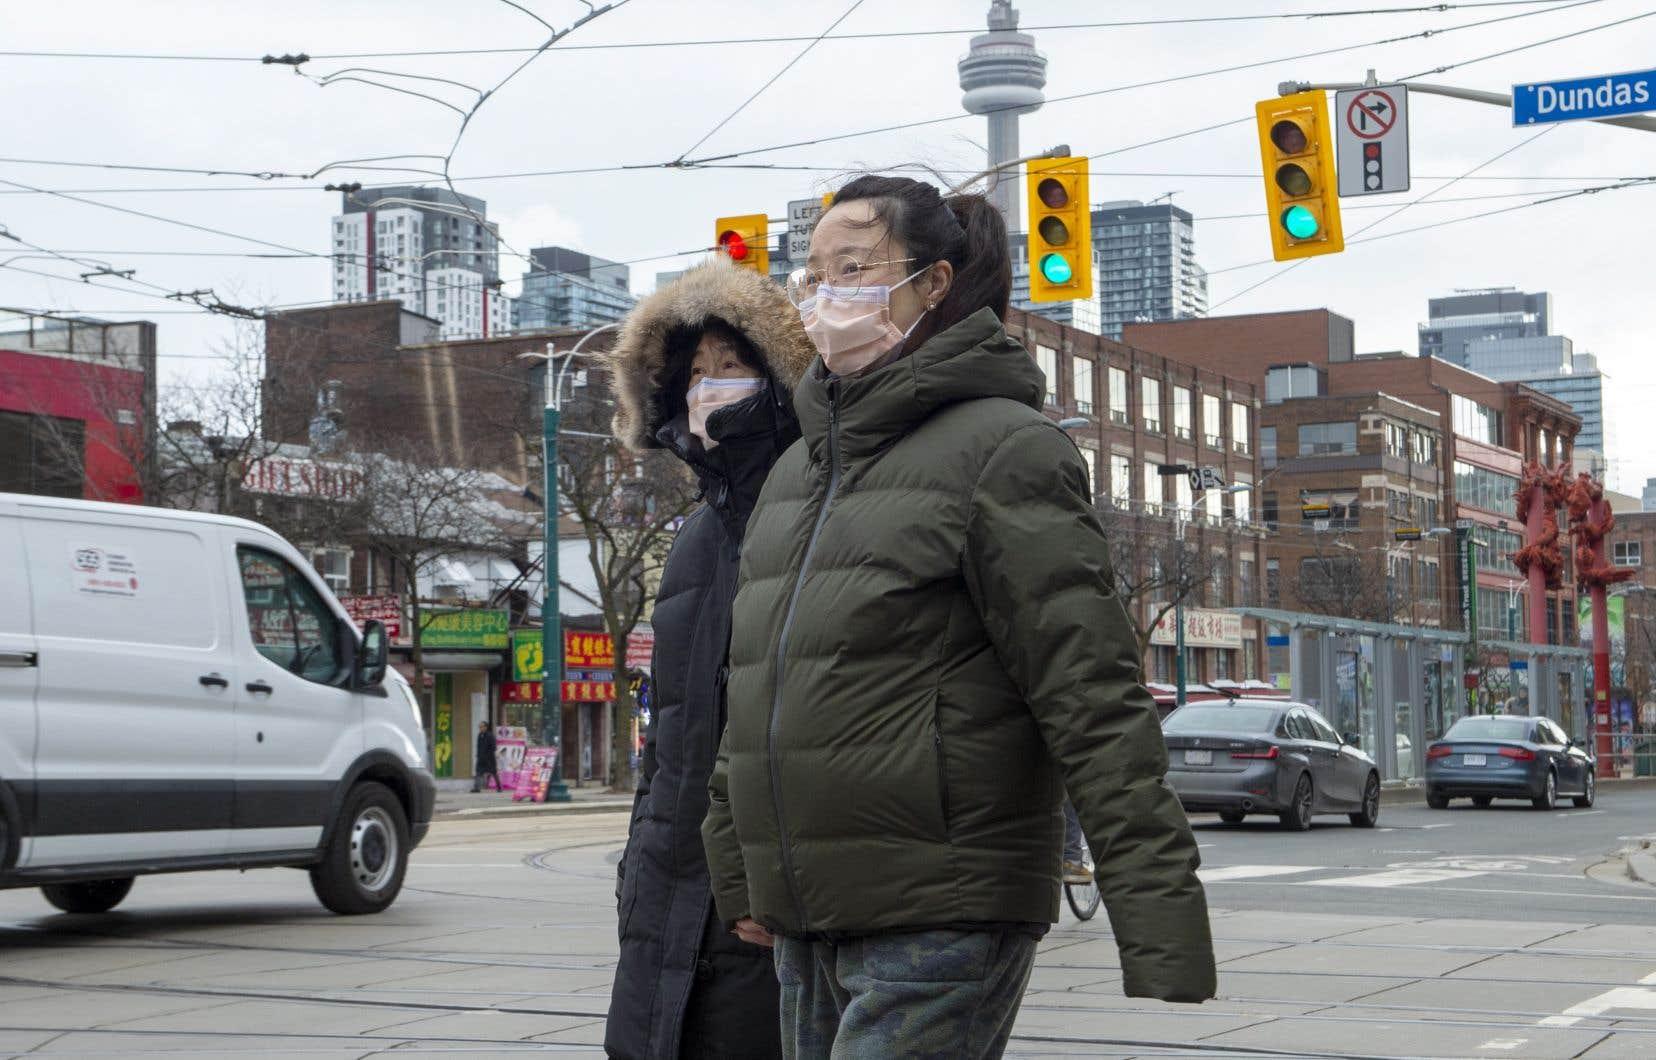 <p>Les responsables de la santé publique en Ontario attendent les résultats des tests menés sur 19 personnes, mais ont éliminé le diagnostic du coronavirus chez 15 autres.</p>